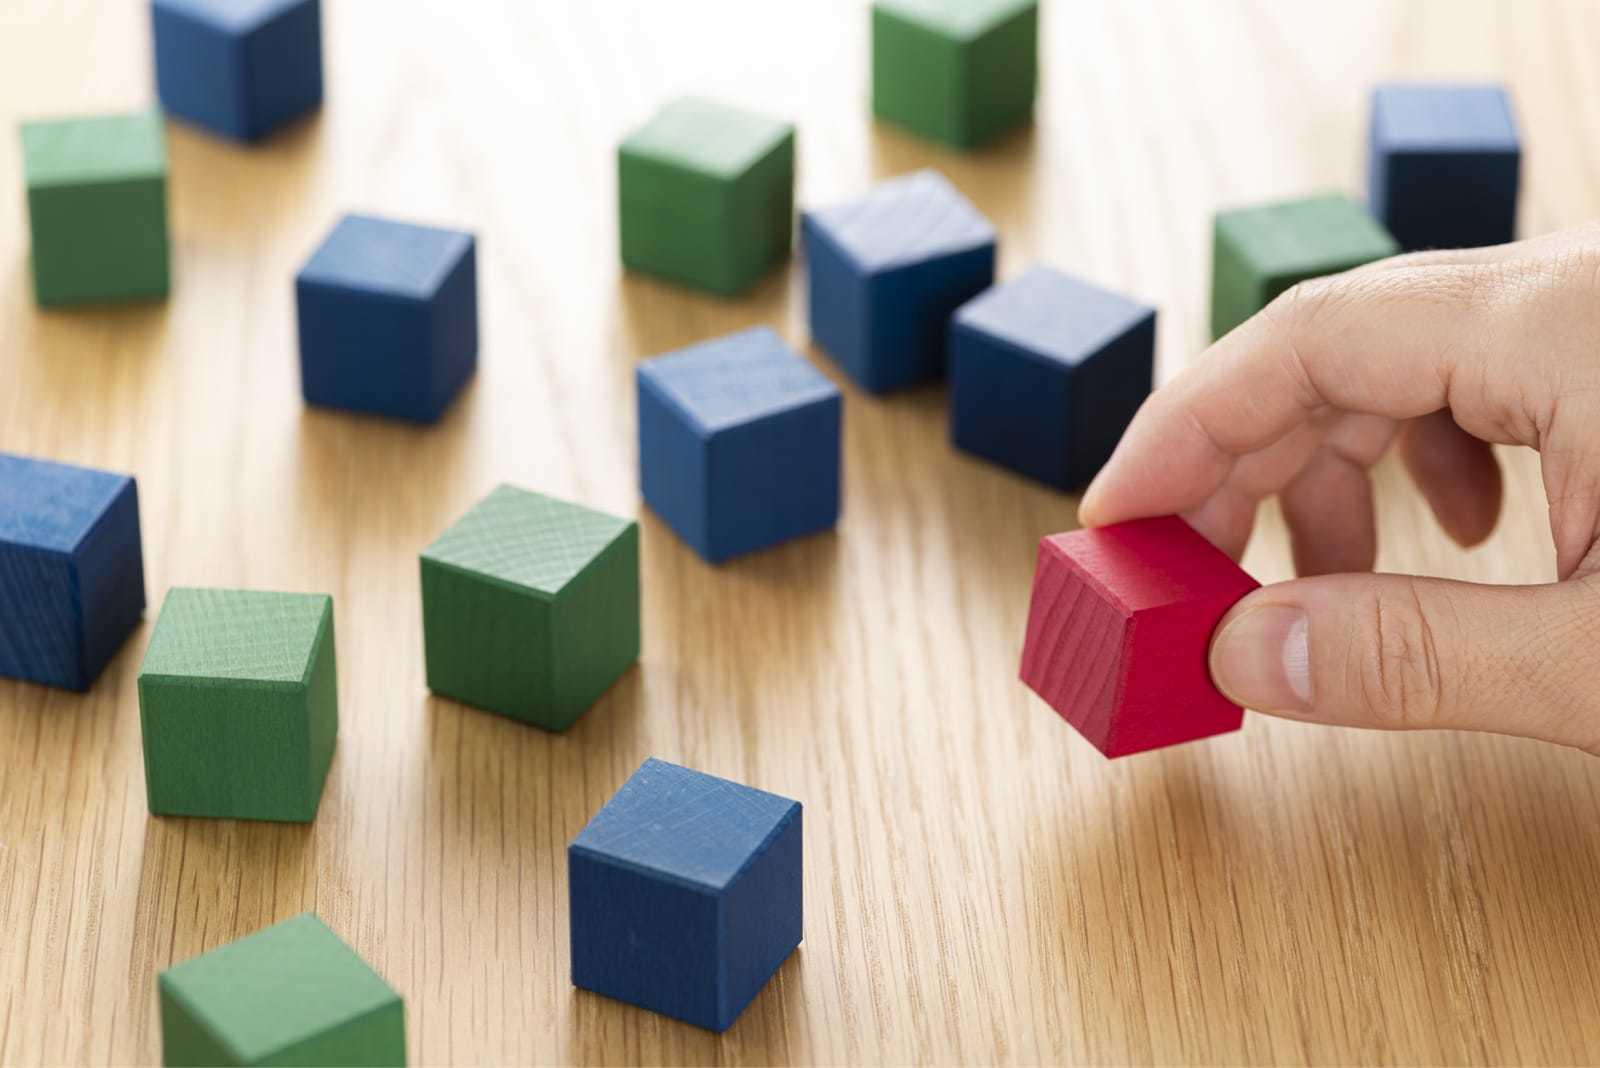 複数色のブロックの中から、一つだけの赤いブロックを選ぶ様子